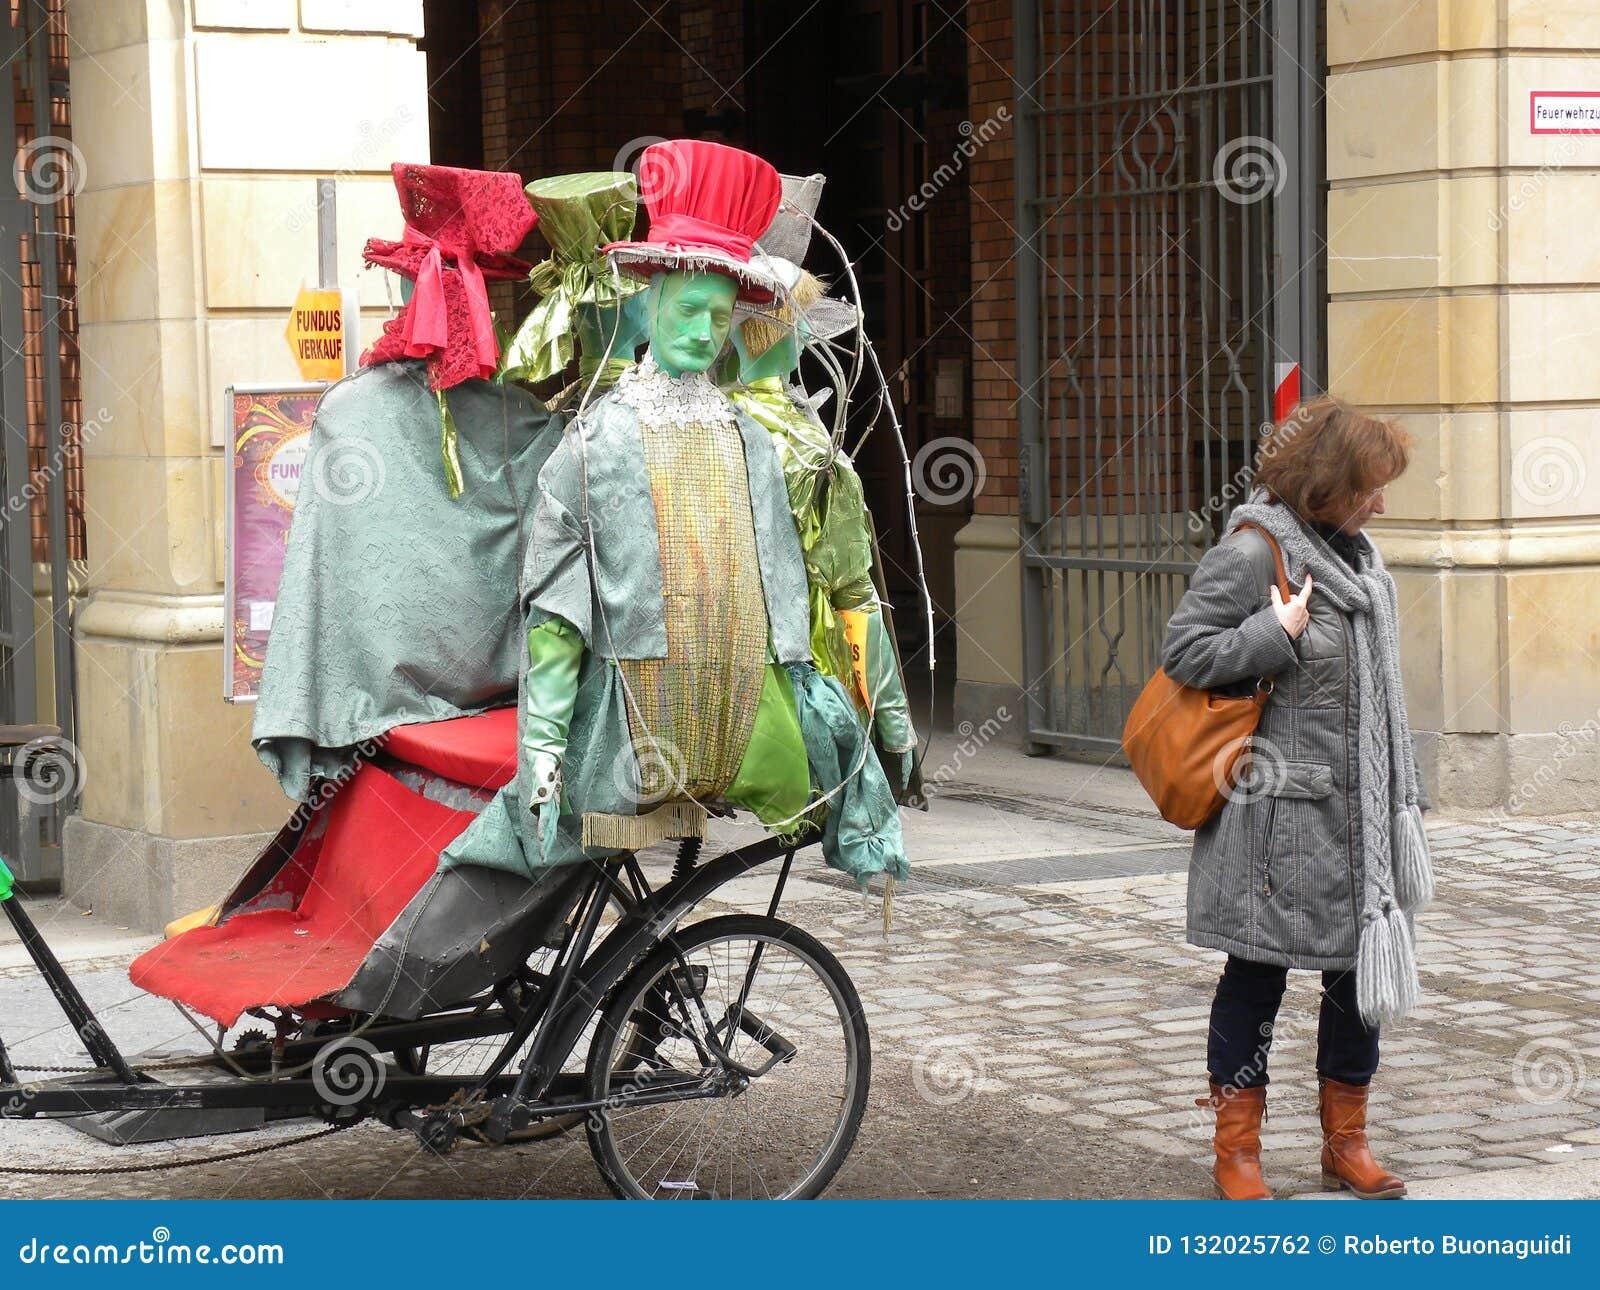 Ένα παράξενο μέσο συγκοινωνίας με τα αστεία μανεκέν στις οδούς του Βερολίνου